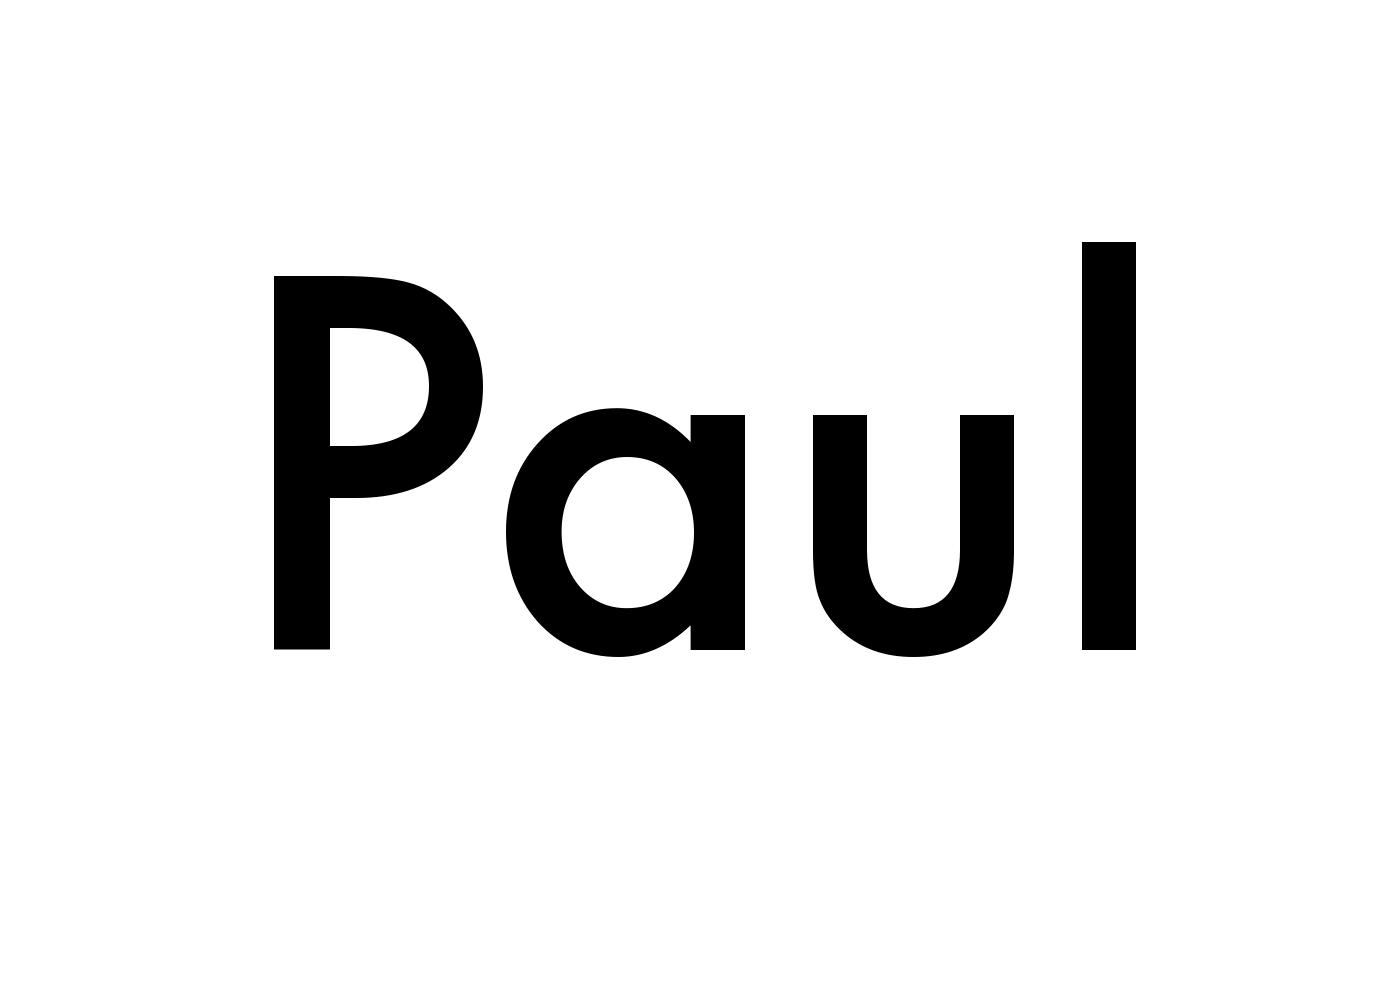 schrift_paul